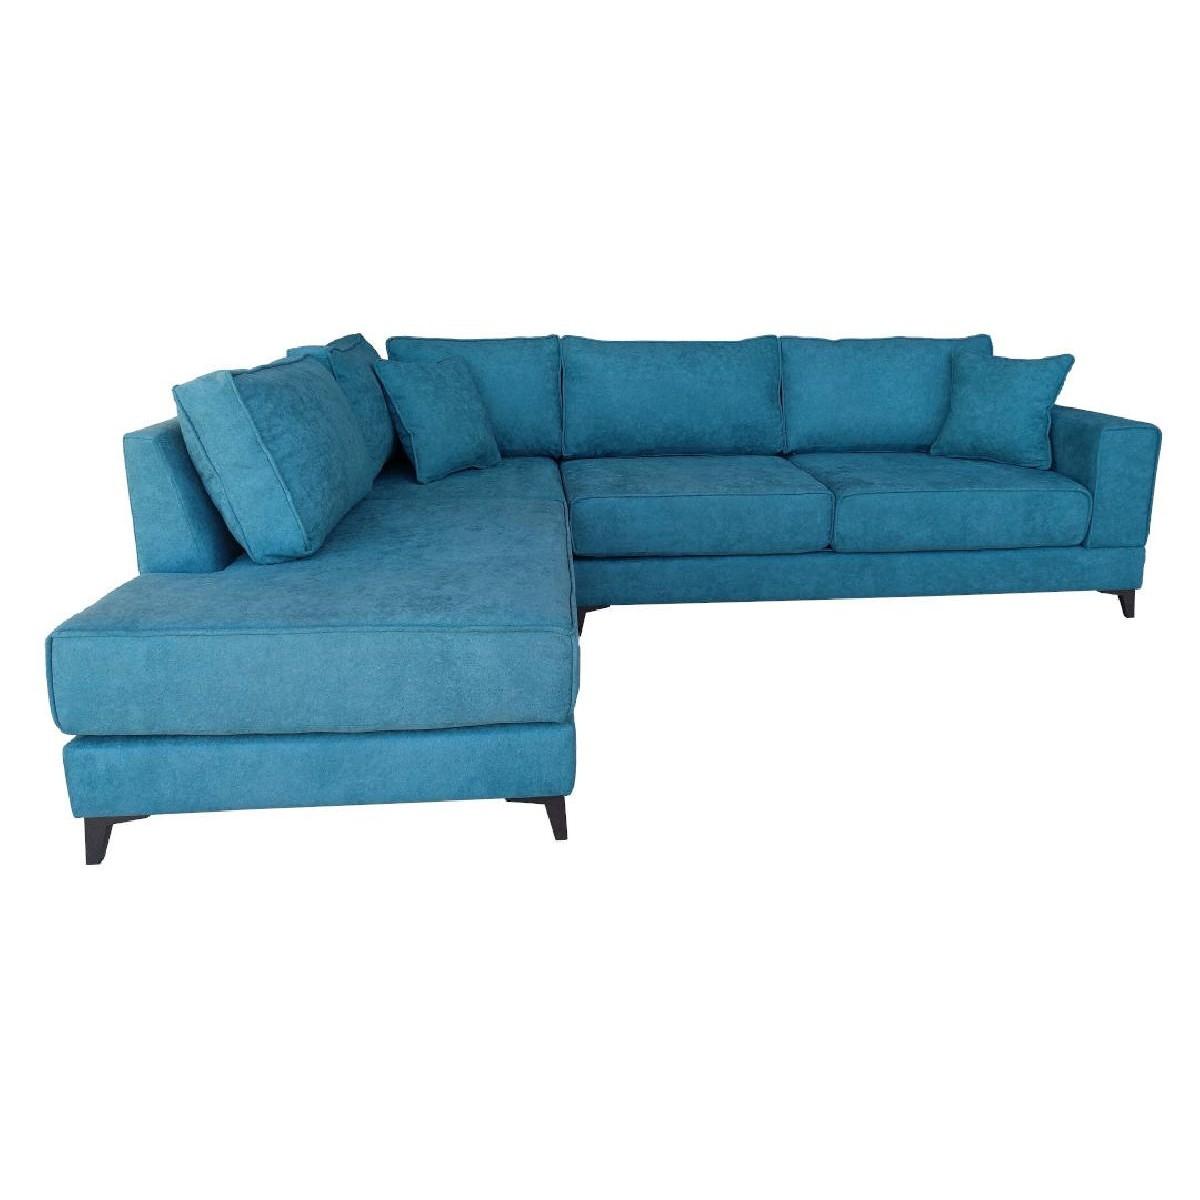 Γωνιακός καναπές XENIA Τιρκουάζ Δεξιά φορά